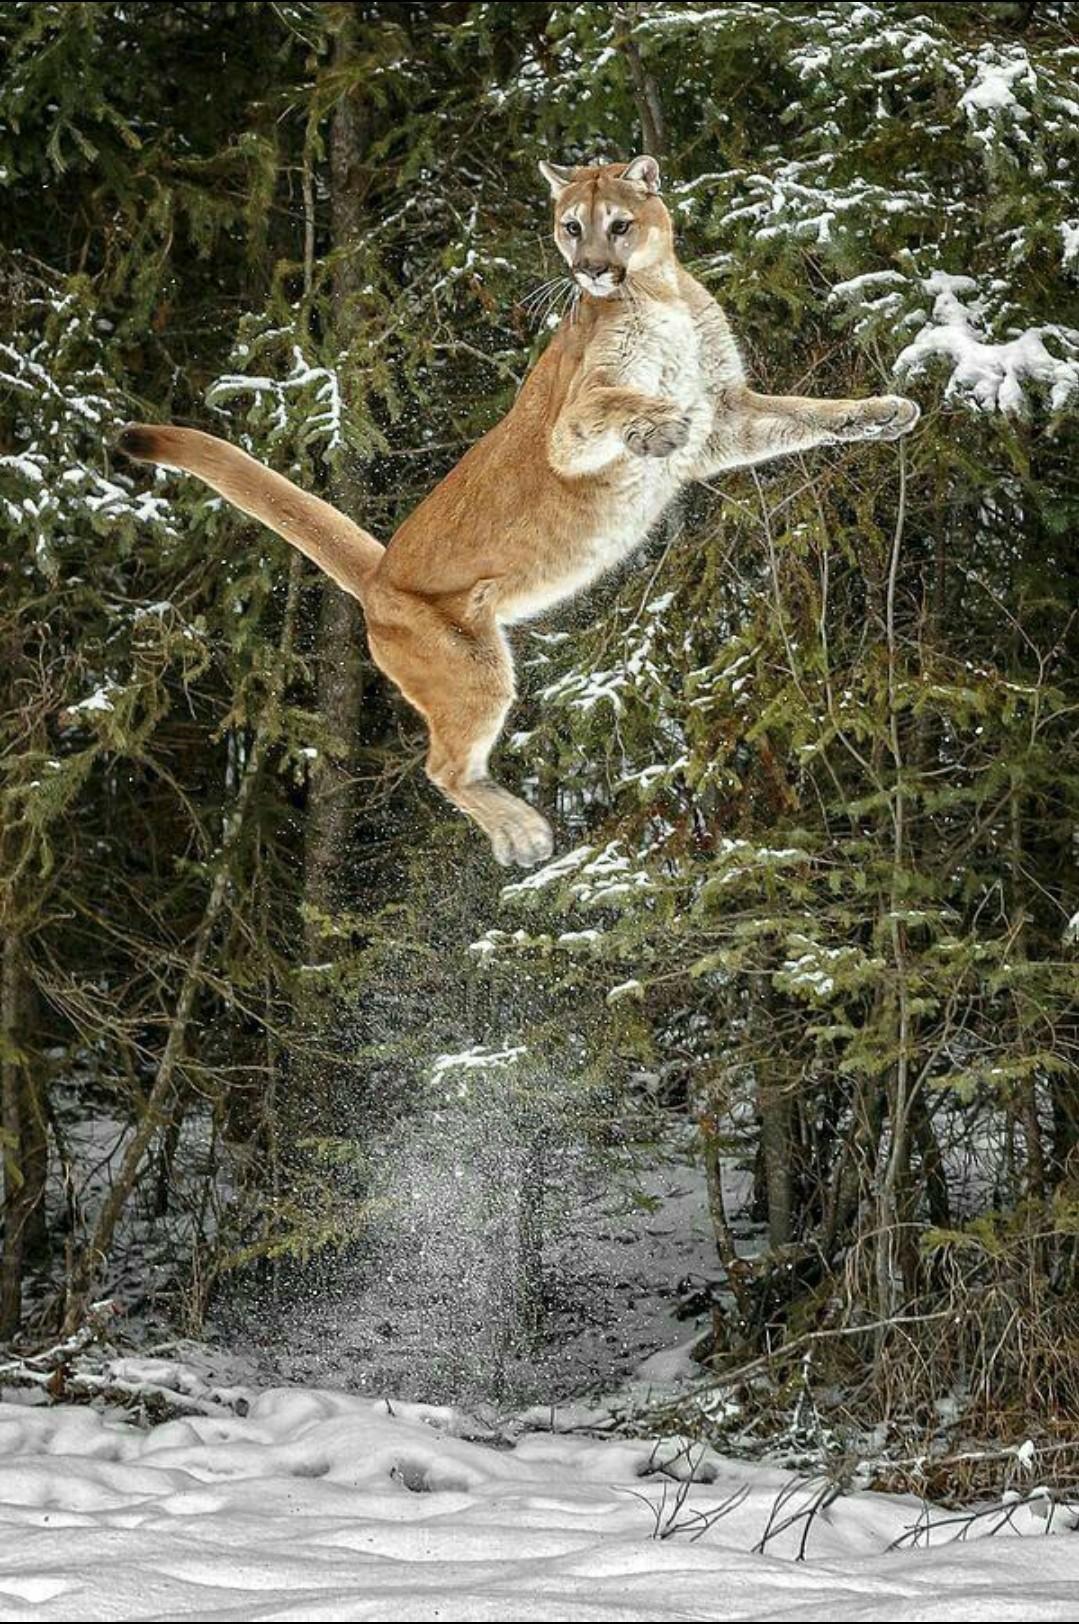 Пума в прыжке. Горный лев (кугуар) способен запрыгнуть на 4,5 м